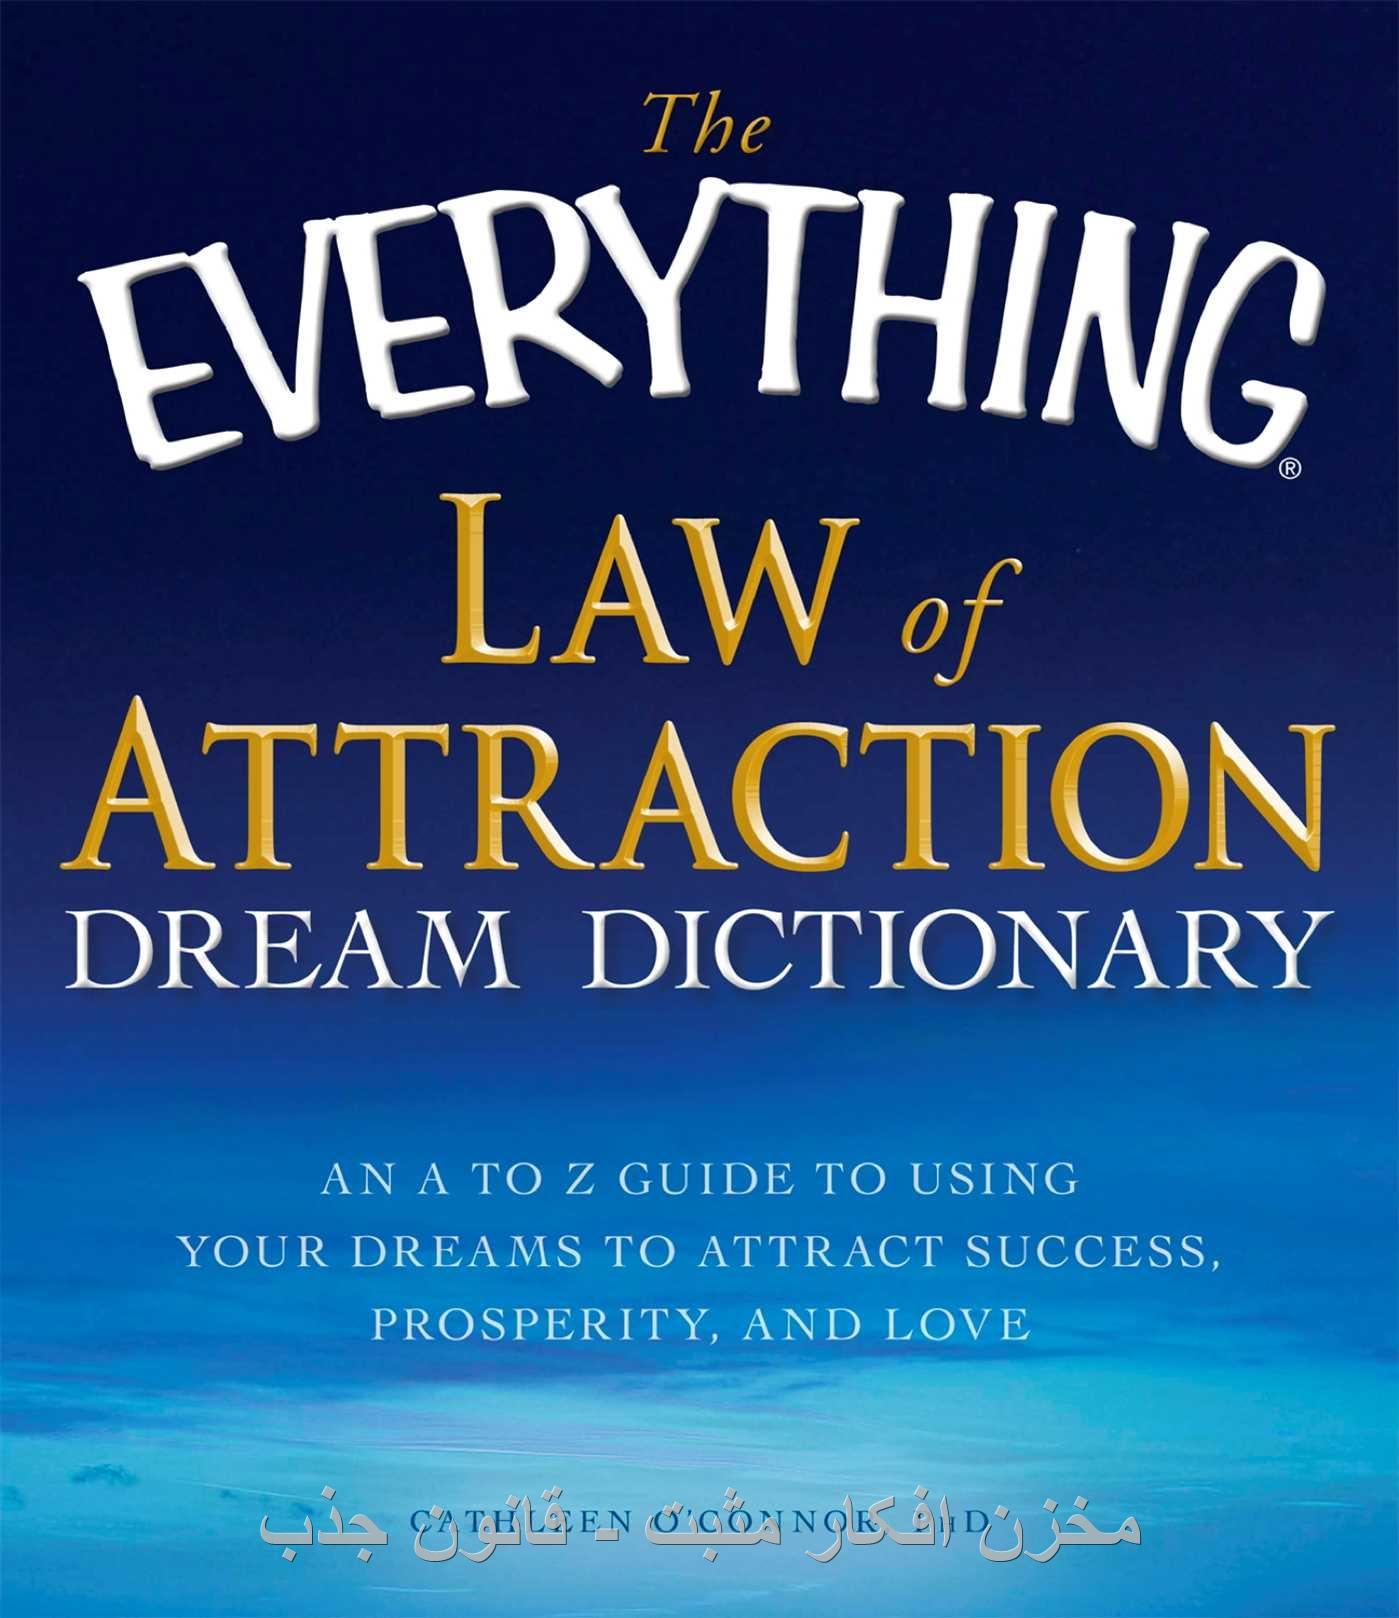 پاسخ به سوالات قانون جذب و درصد تاثیر گذاری قانون جذب در زندگی